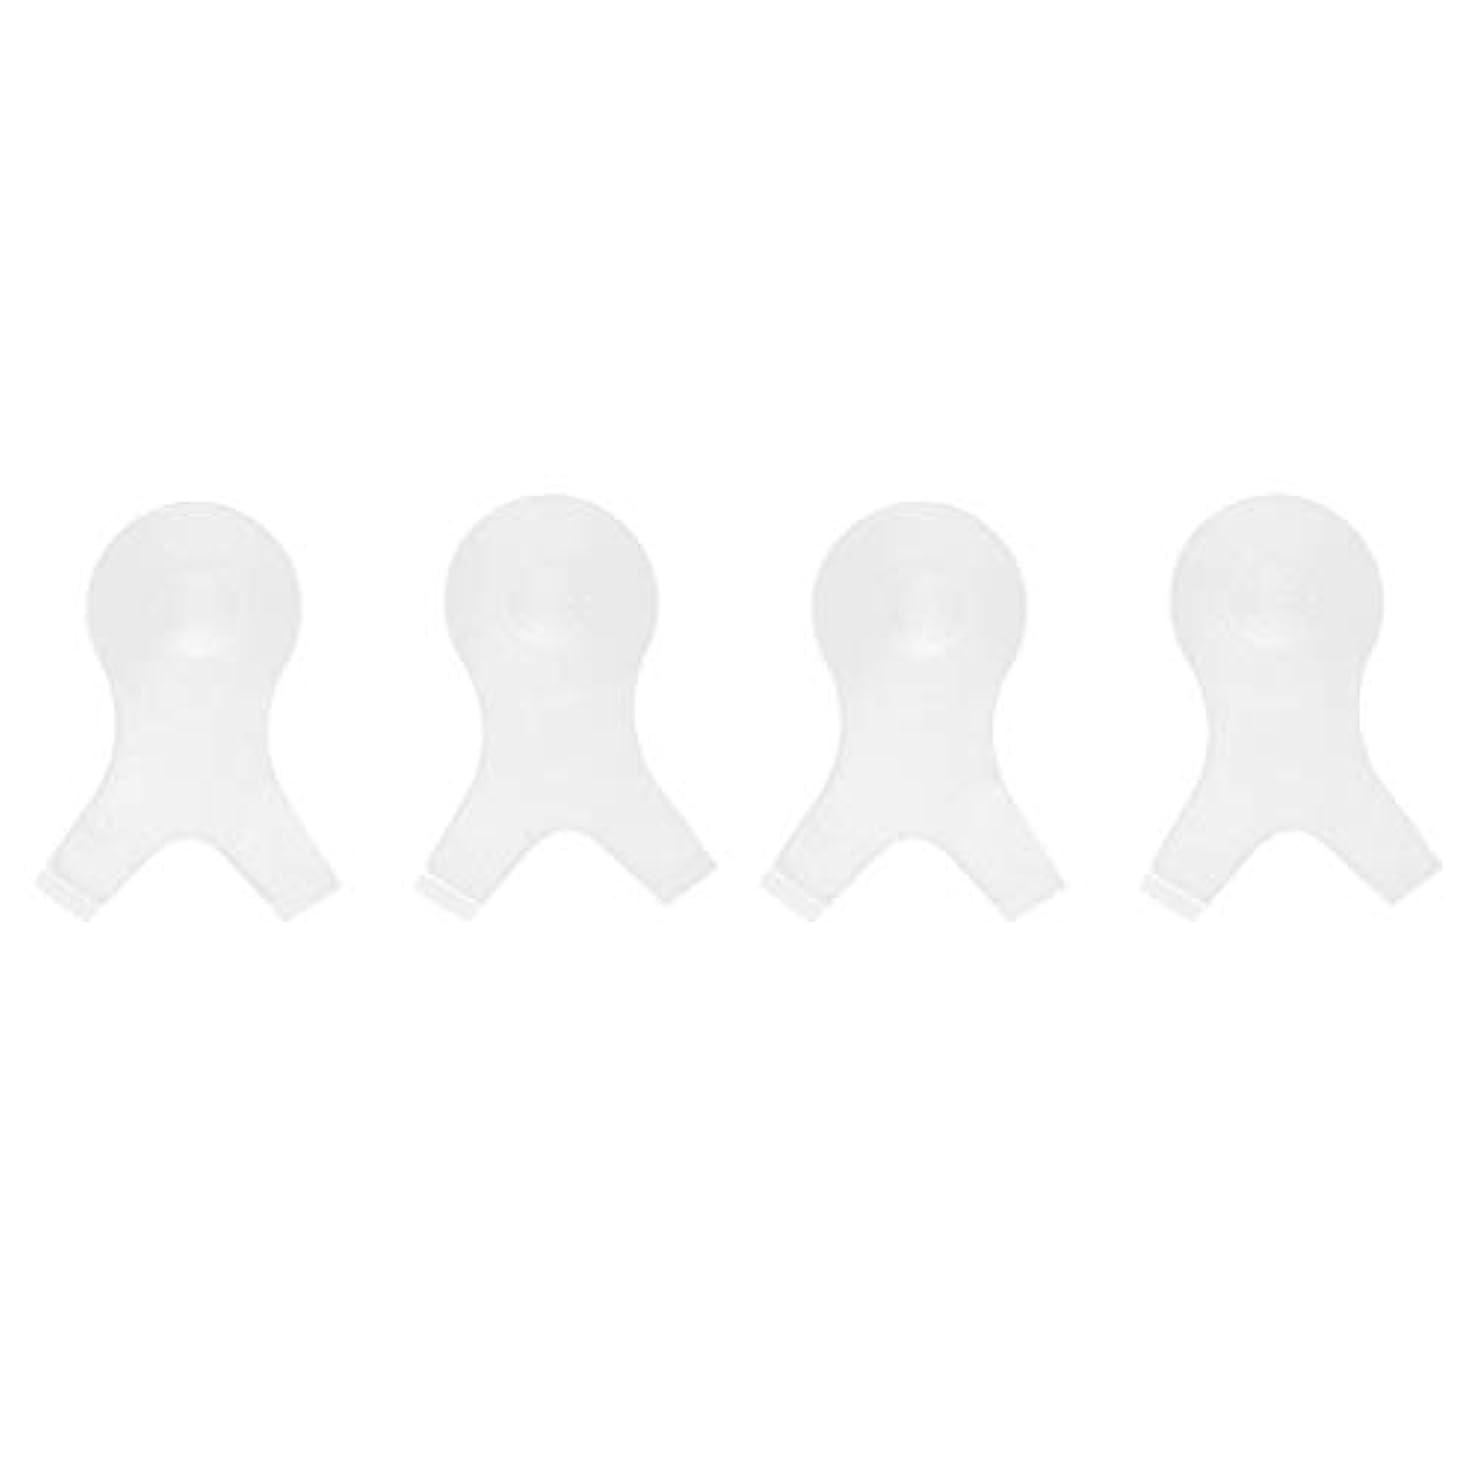 前に吸収好ましい4個 Y字型 まつ毛パーシングブラシ まつ毛 エクステンションパーマ用 メイクアップツール